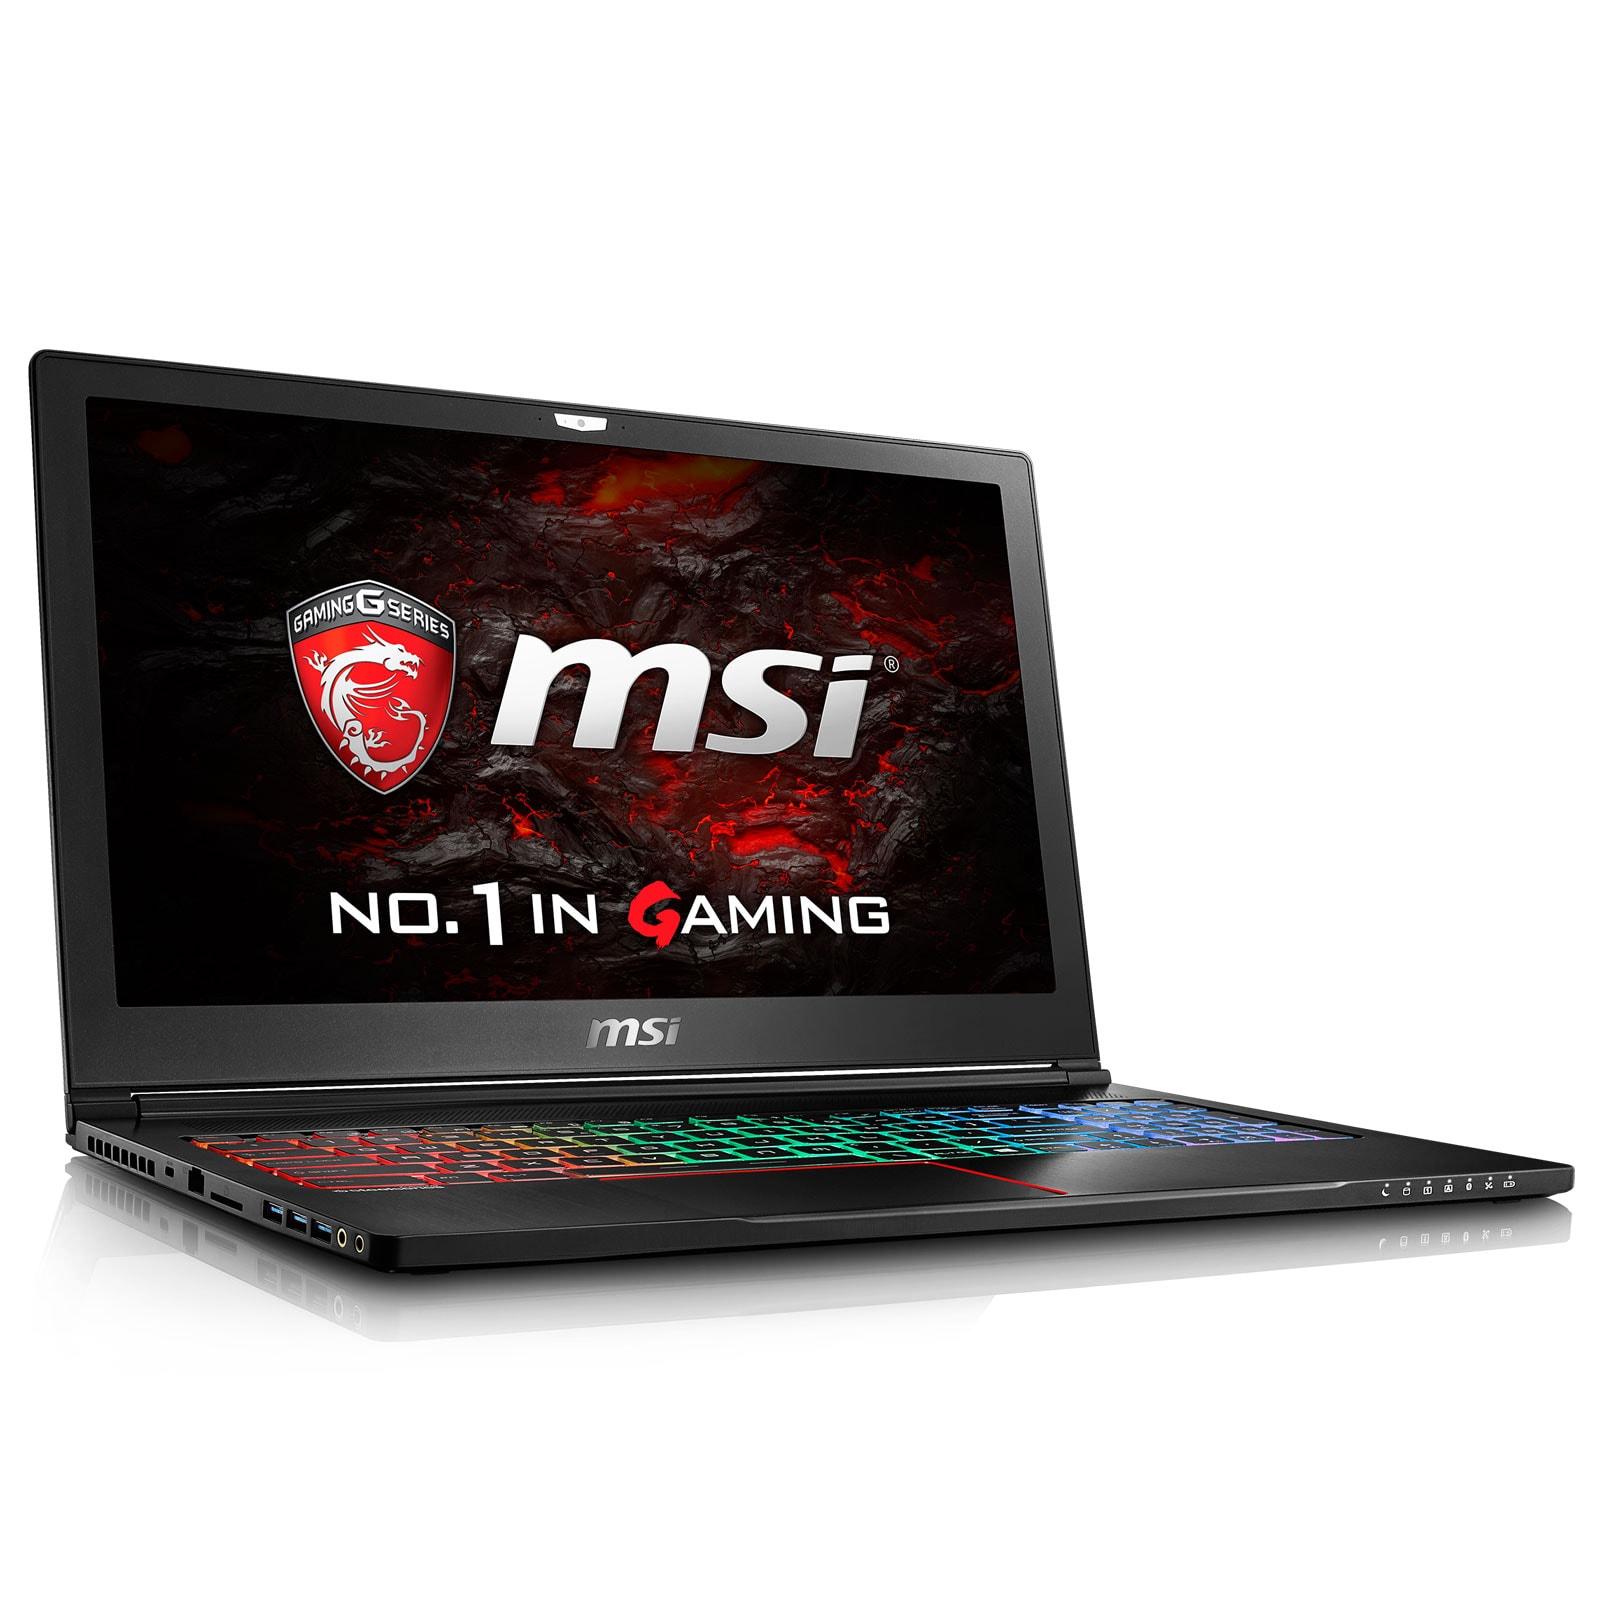 MSI 9S7-16K212-262 - PC portable MSI - Cybertek.fr - 0